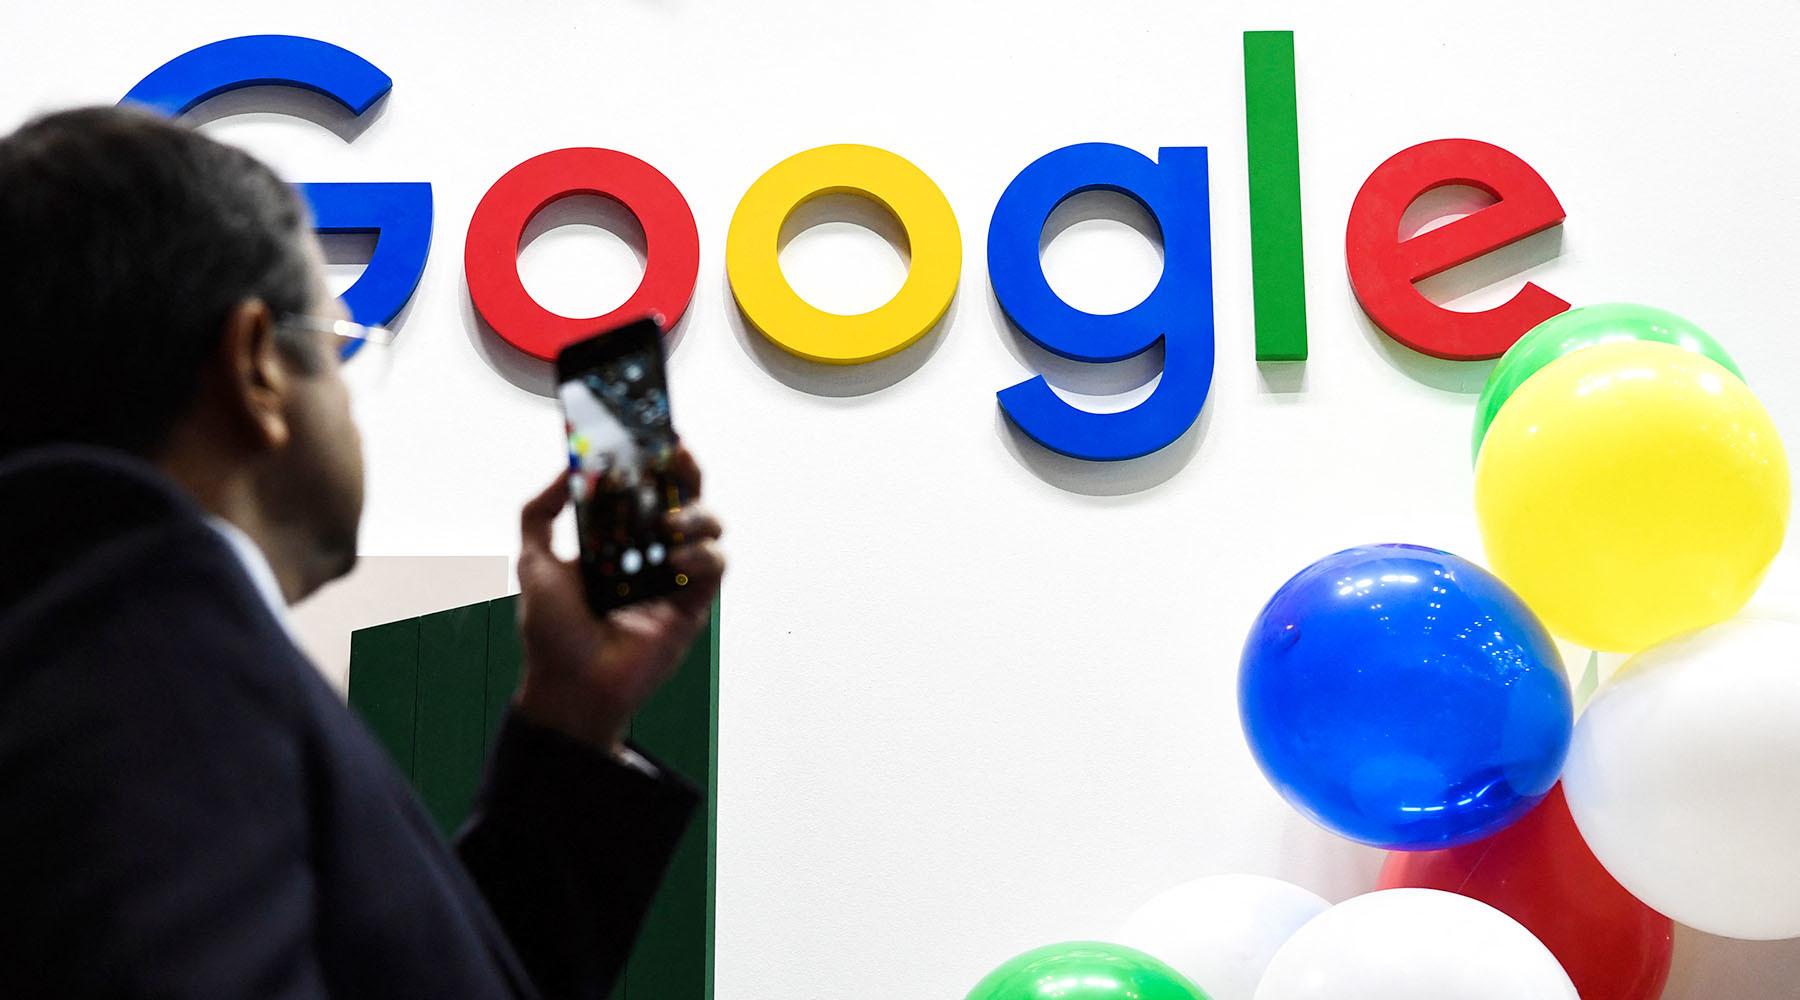 «Вышел на первое место по количеству противоправного контента»: Роскомнадзор допустил замедление трафика Google1